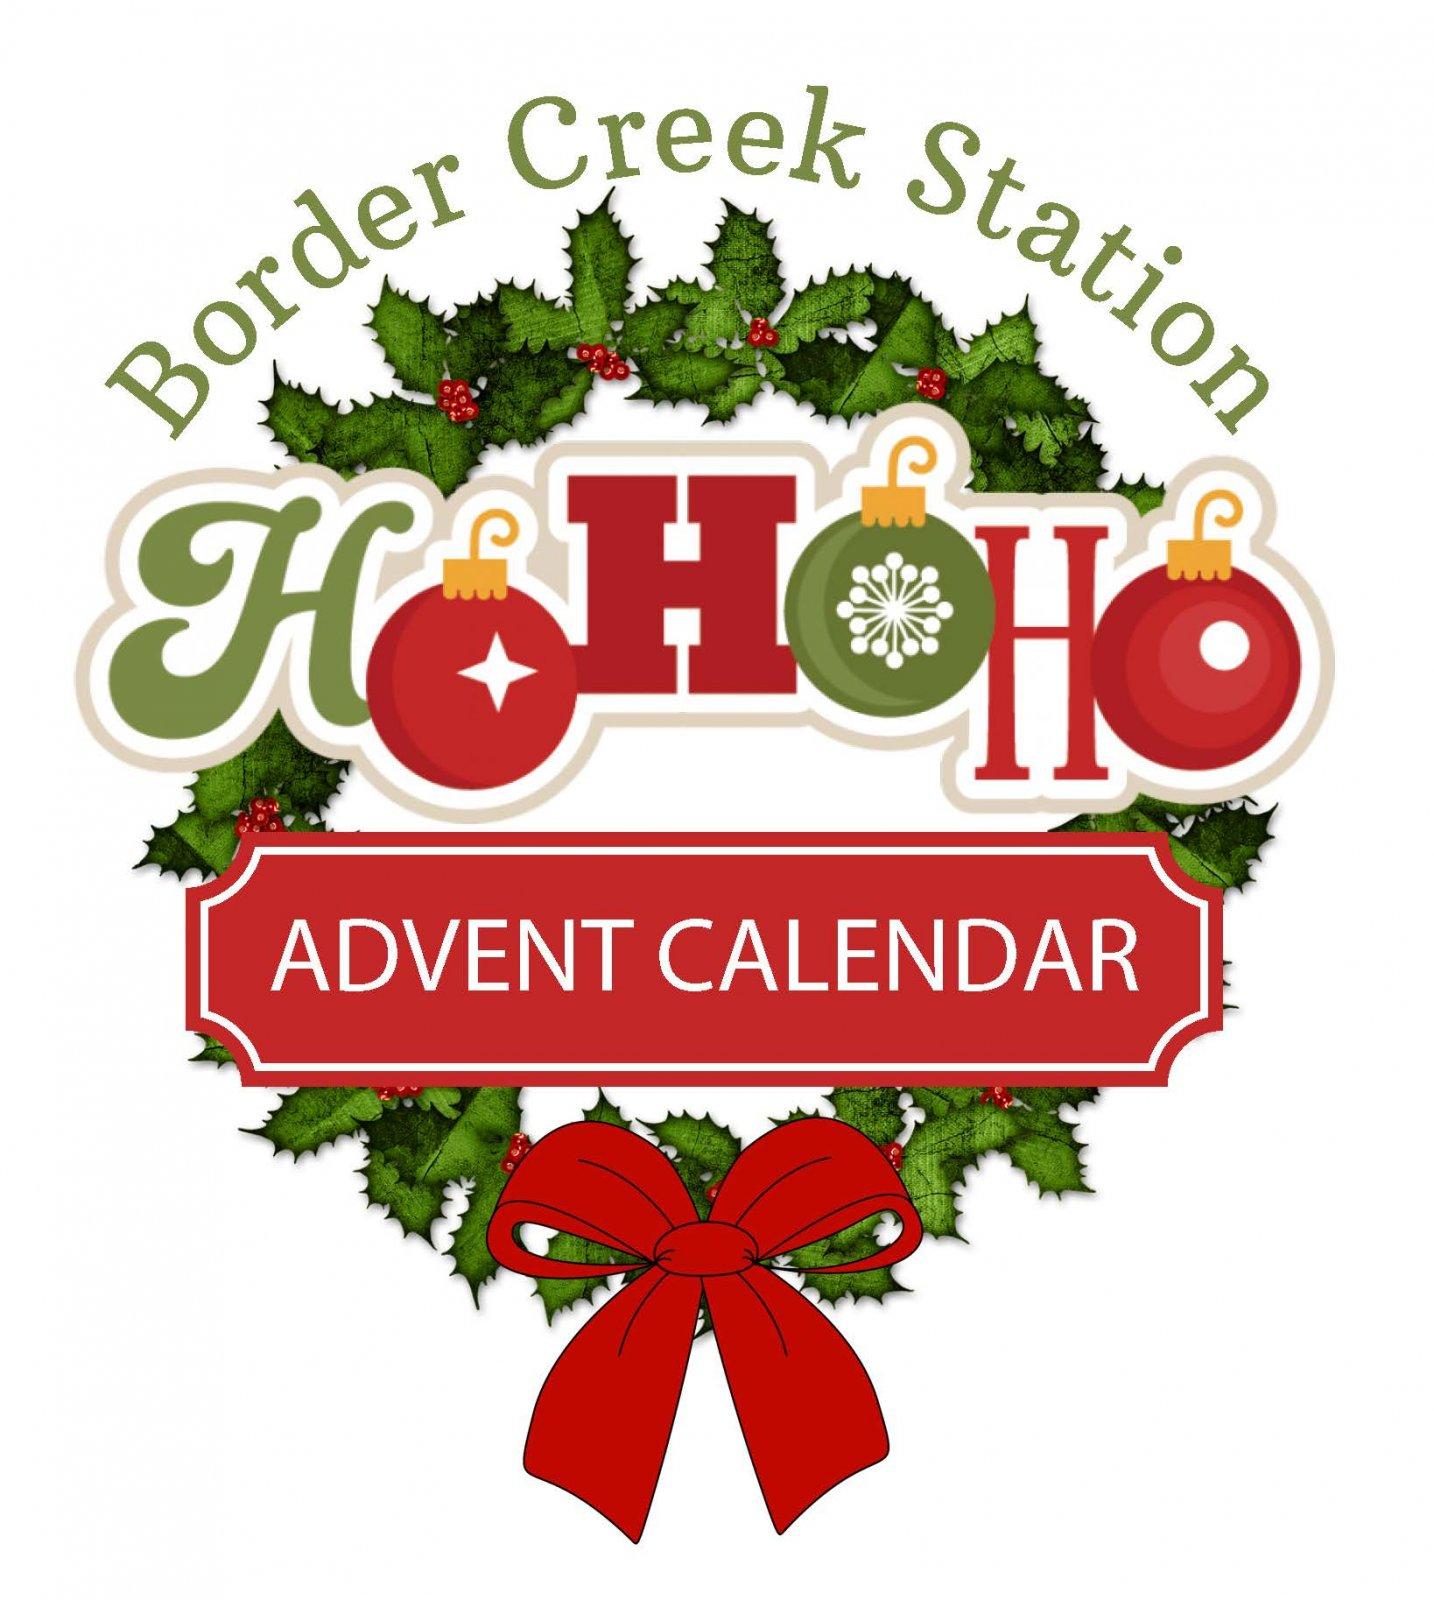 The HoHoHo Advent Calendar